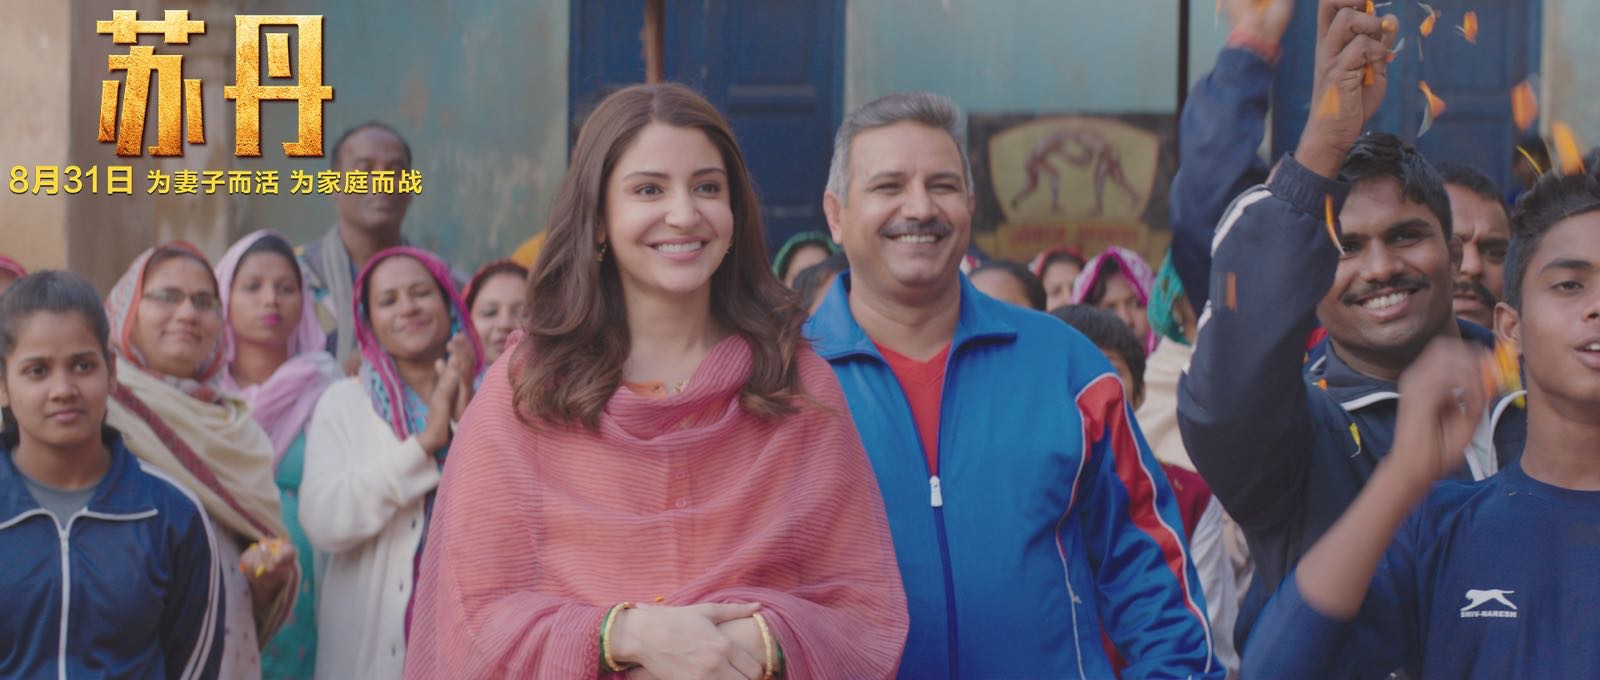 印度电影《苏丹》8月31日公映 五大看点解析神片秘诀